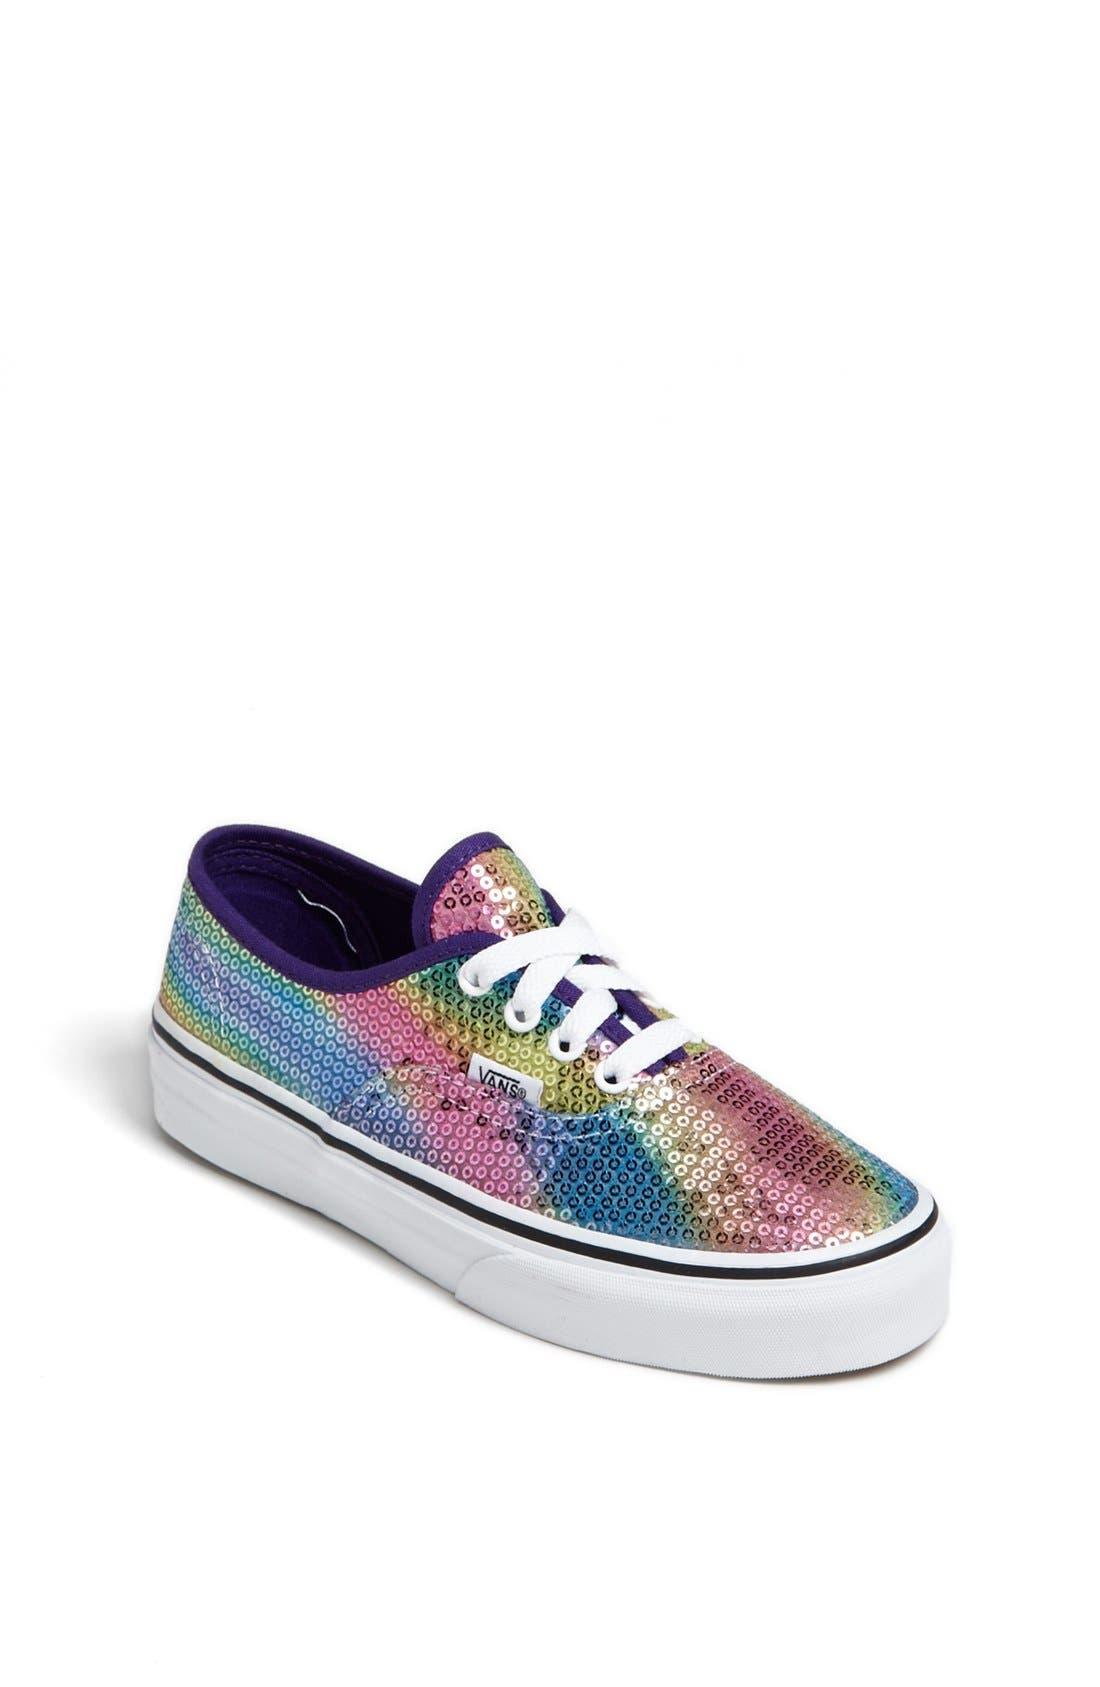 Main Image - Vans 'Classic - Rainbow Sequin' Sneaker (Toddler, Little Kid & Big Kid)